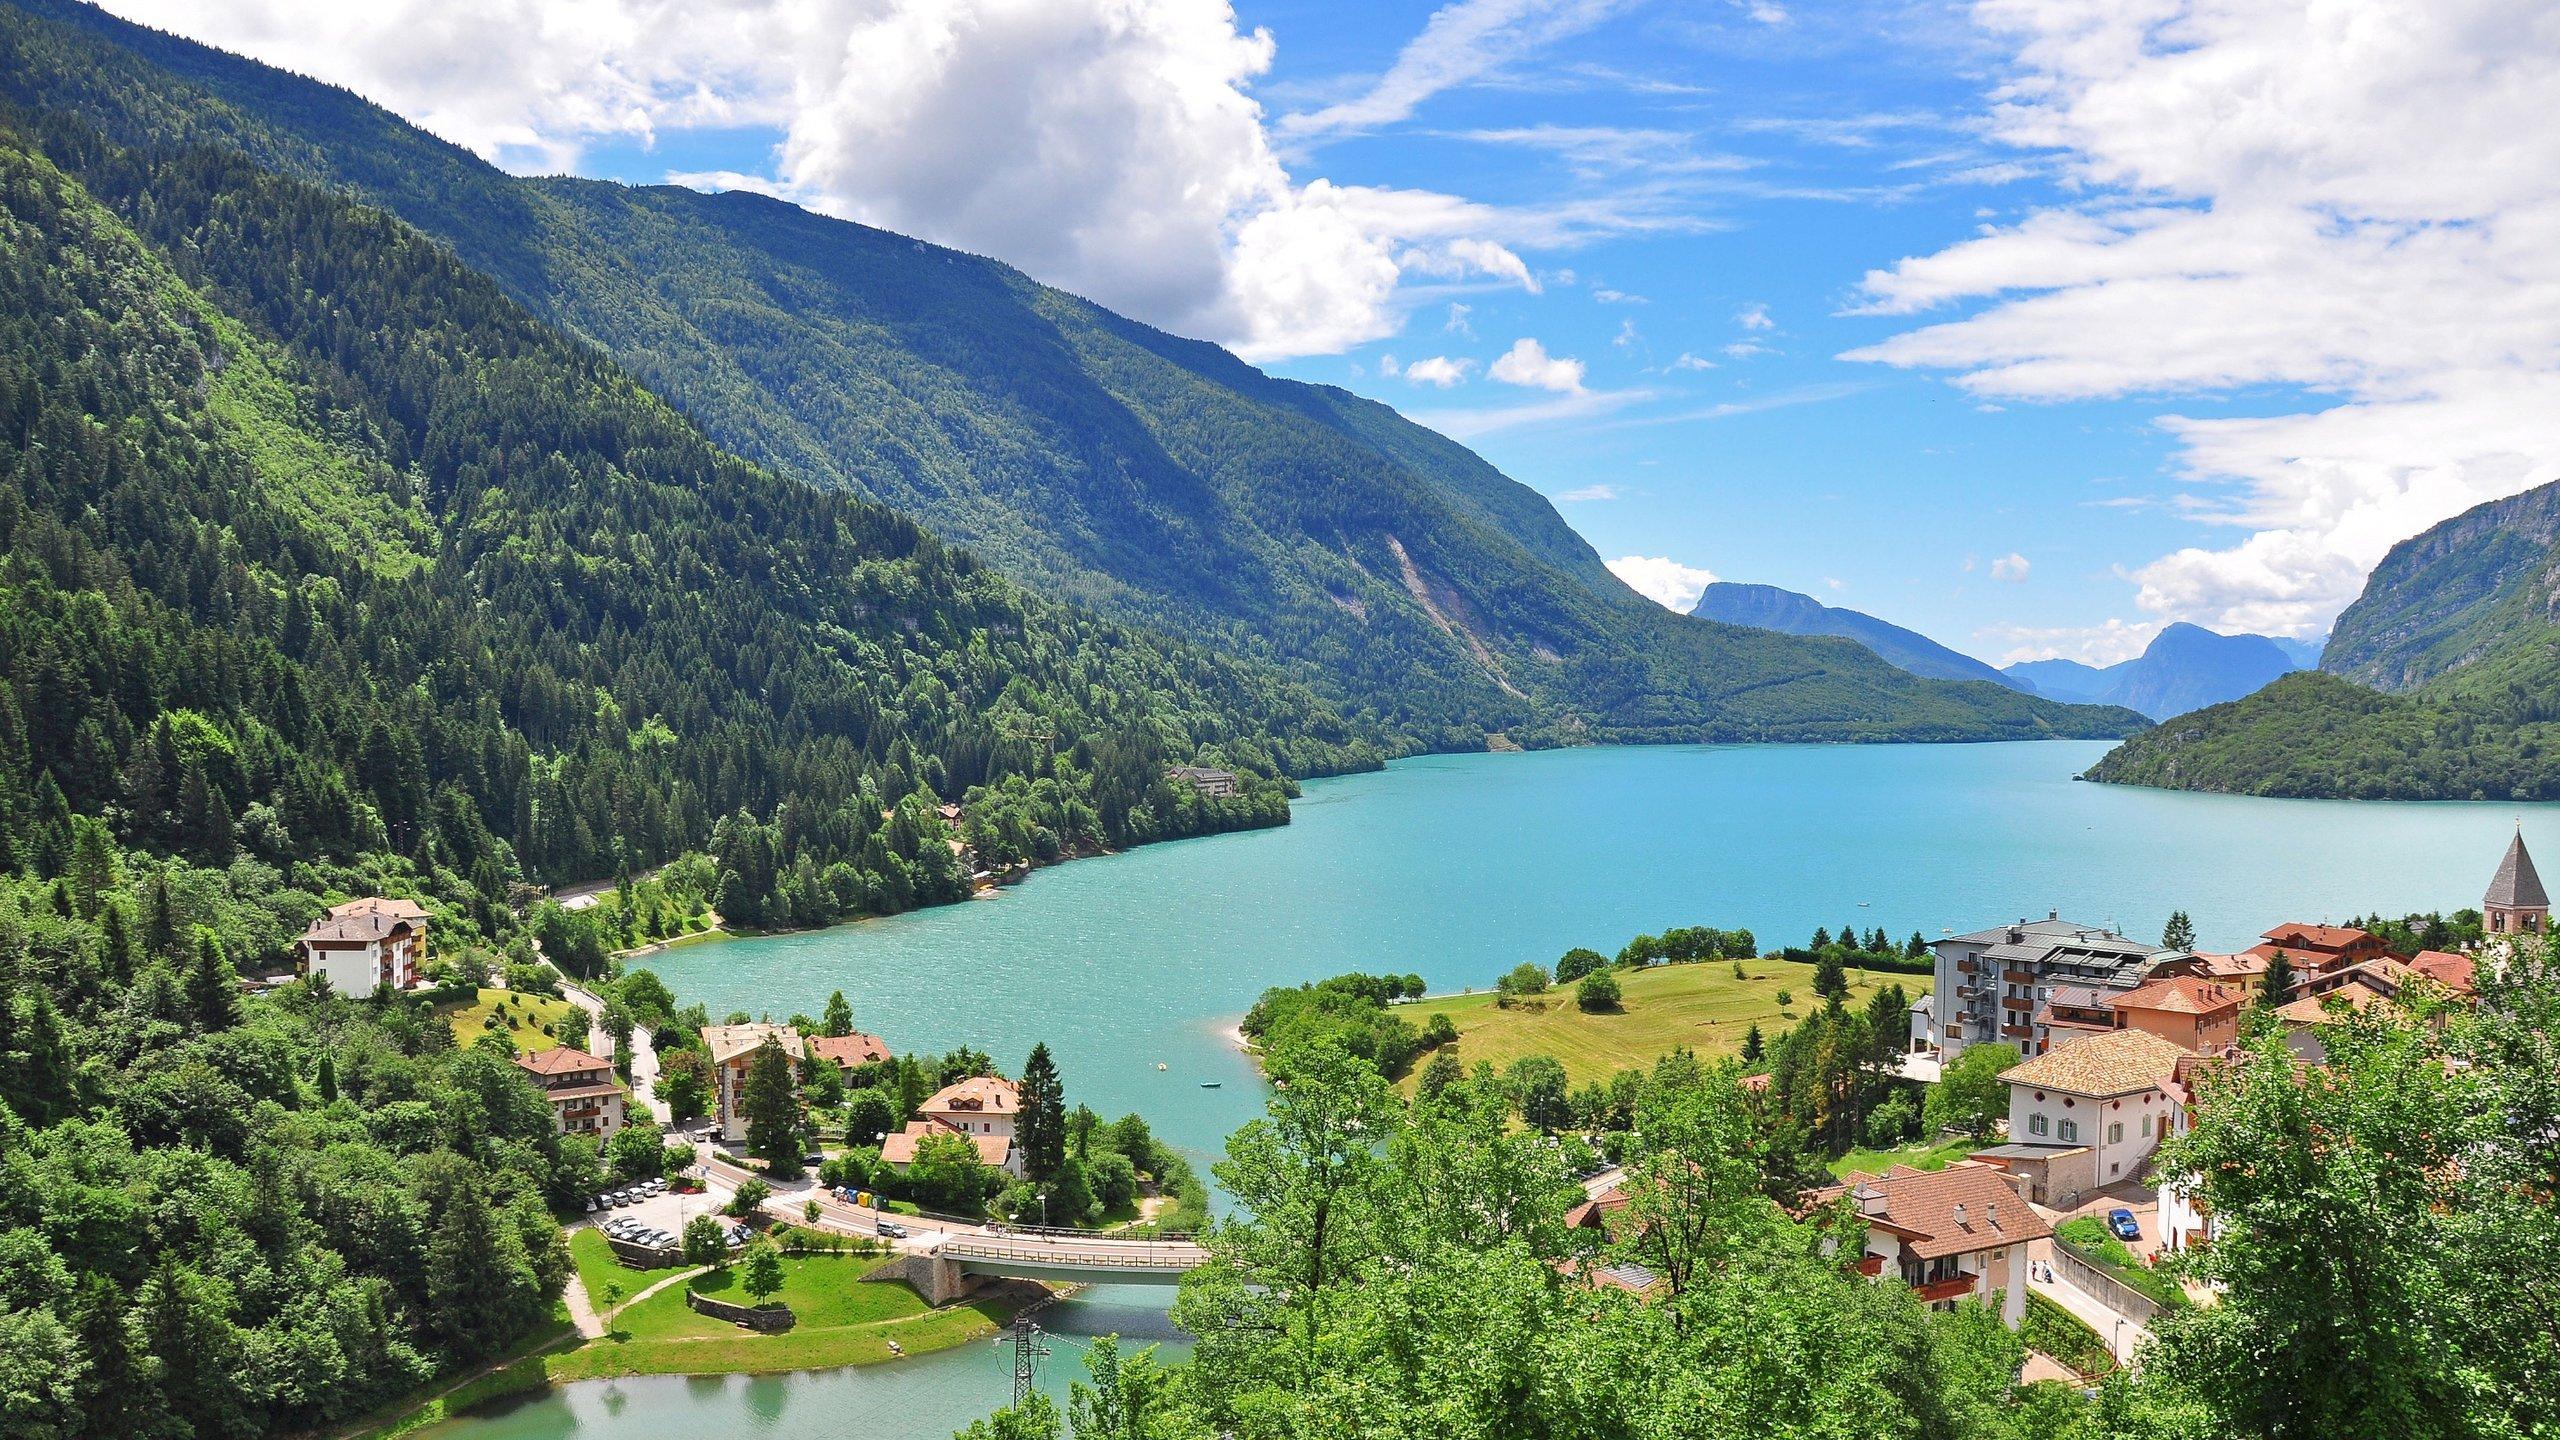 Molveno, Trentin-Haut-Adige, Italie